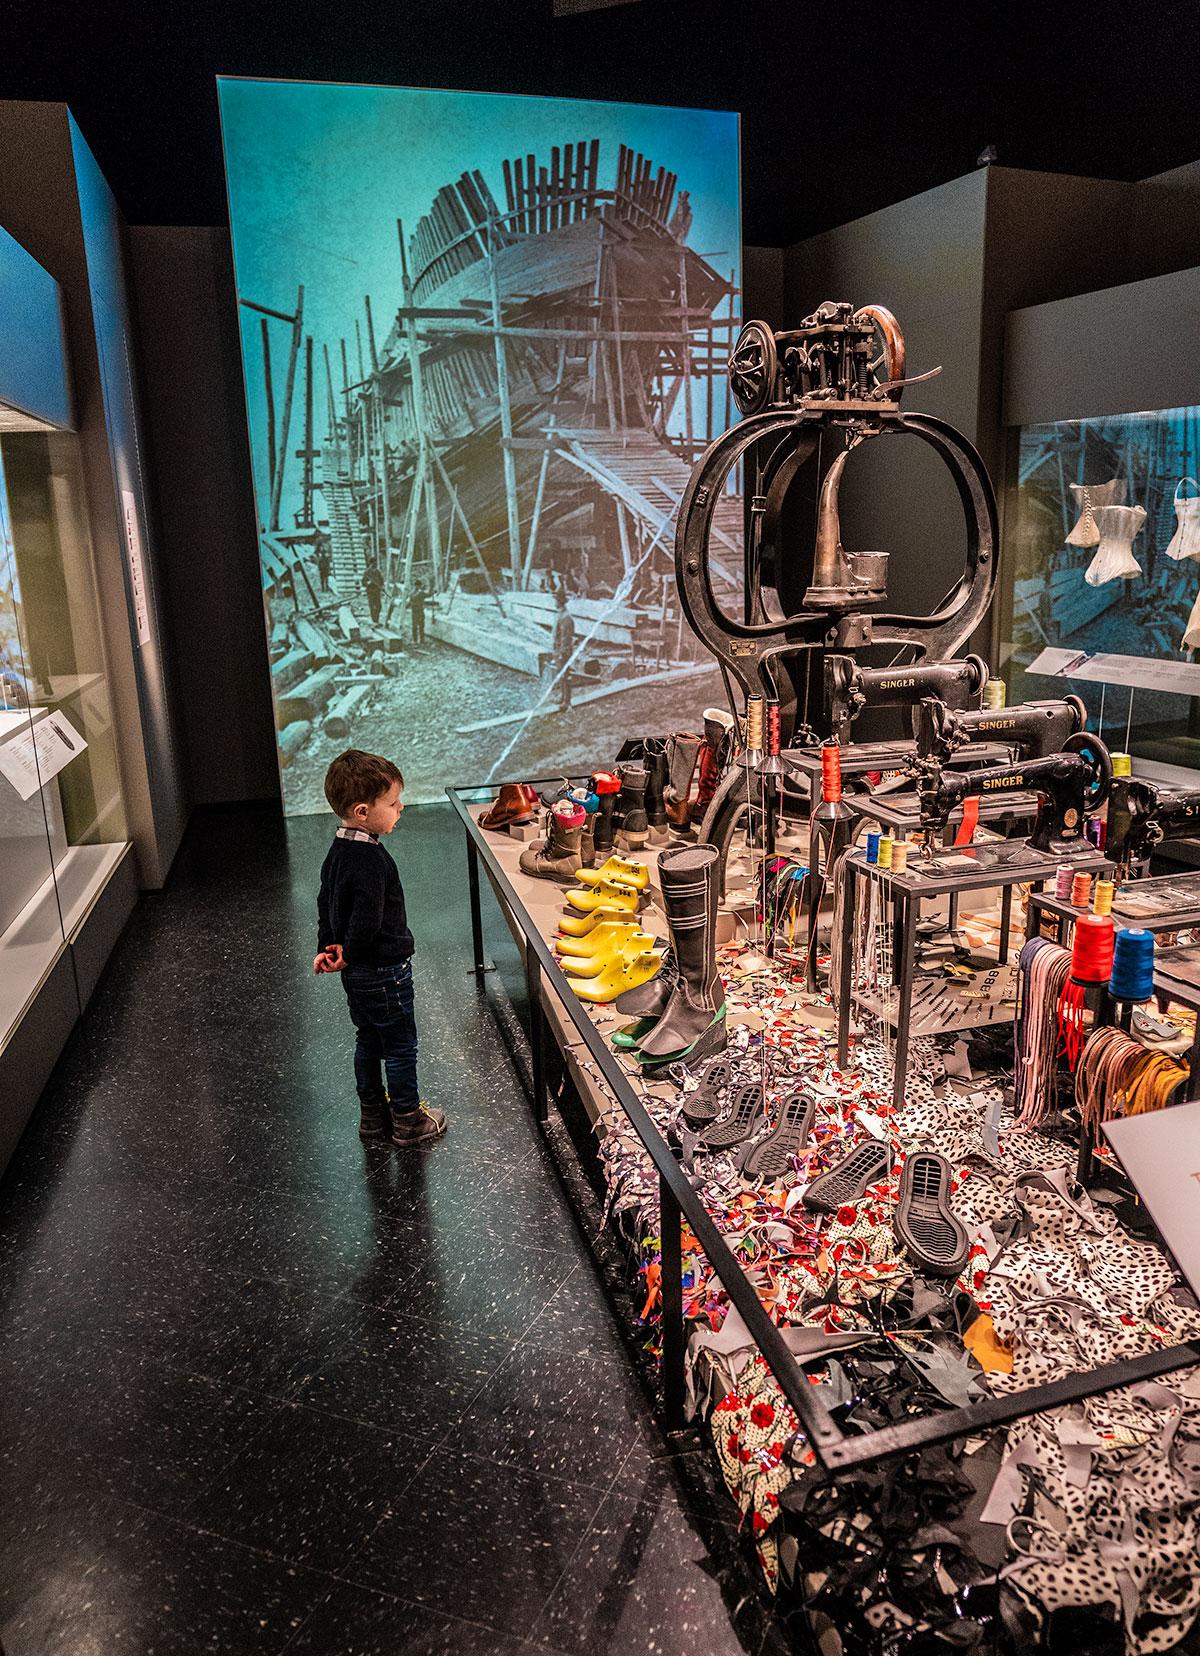 Exhibit-at-Musee-de-la-Civilisation-in-Quebec-City